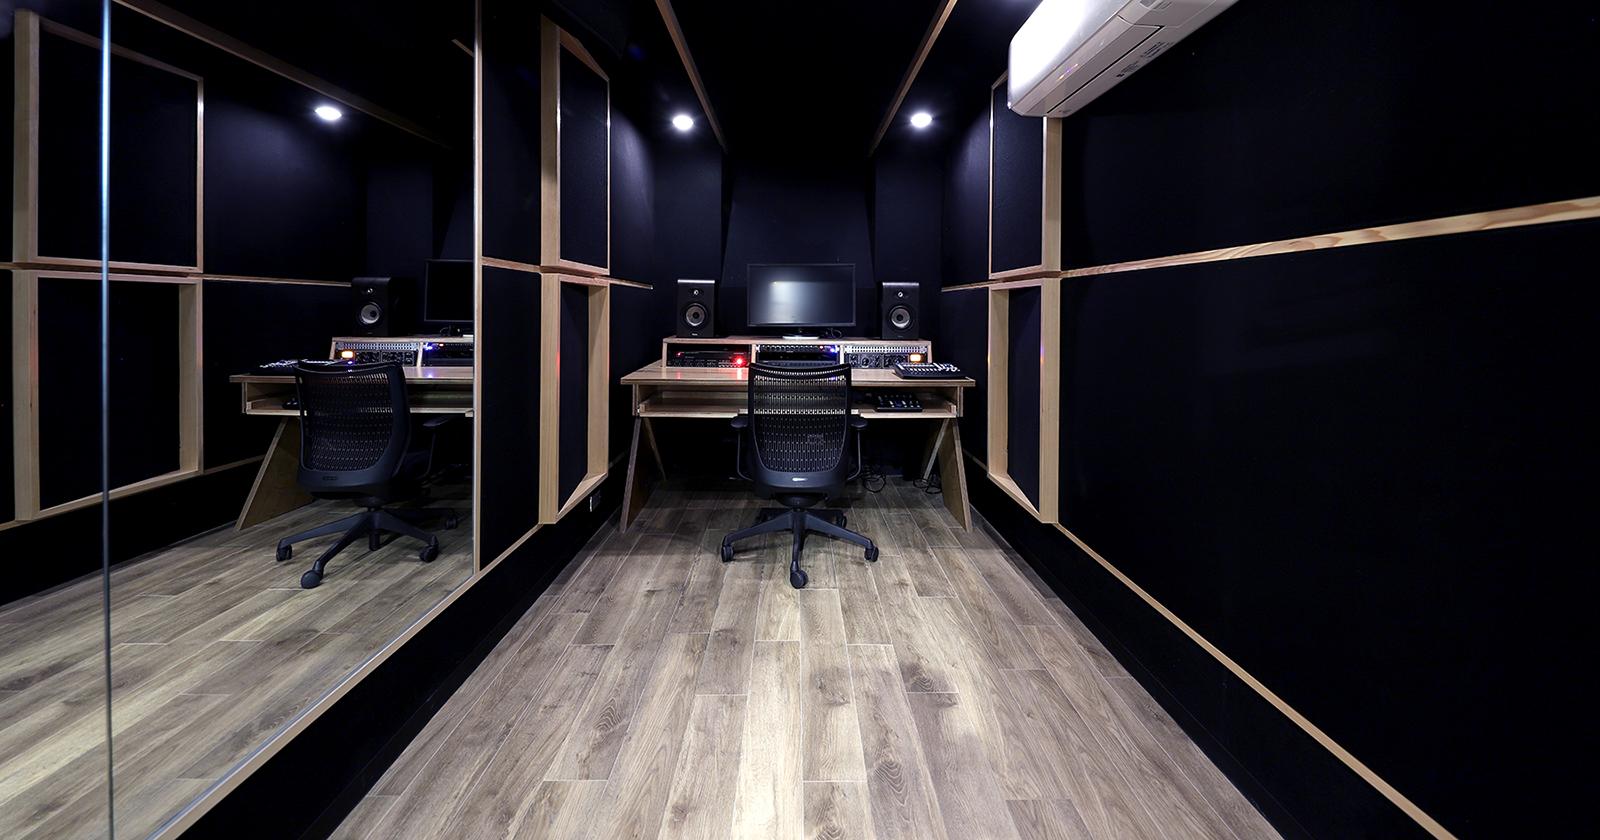 【下北沢店】REC STUDIO NEW OPEN!レコーディング・作曲・コライトに特化した最先端のスタジオ!